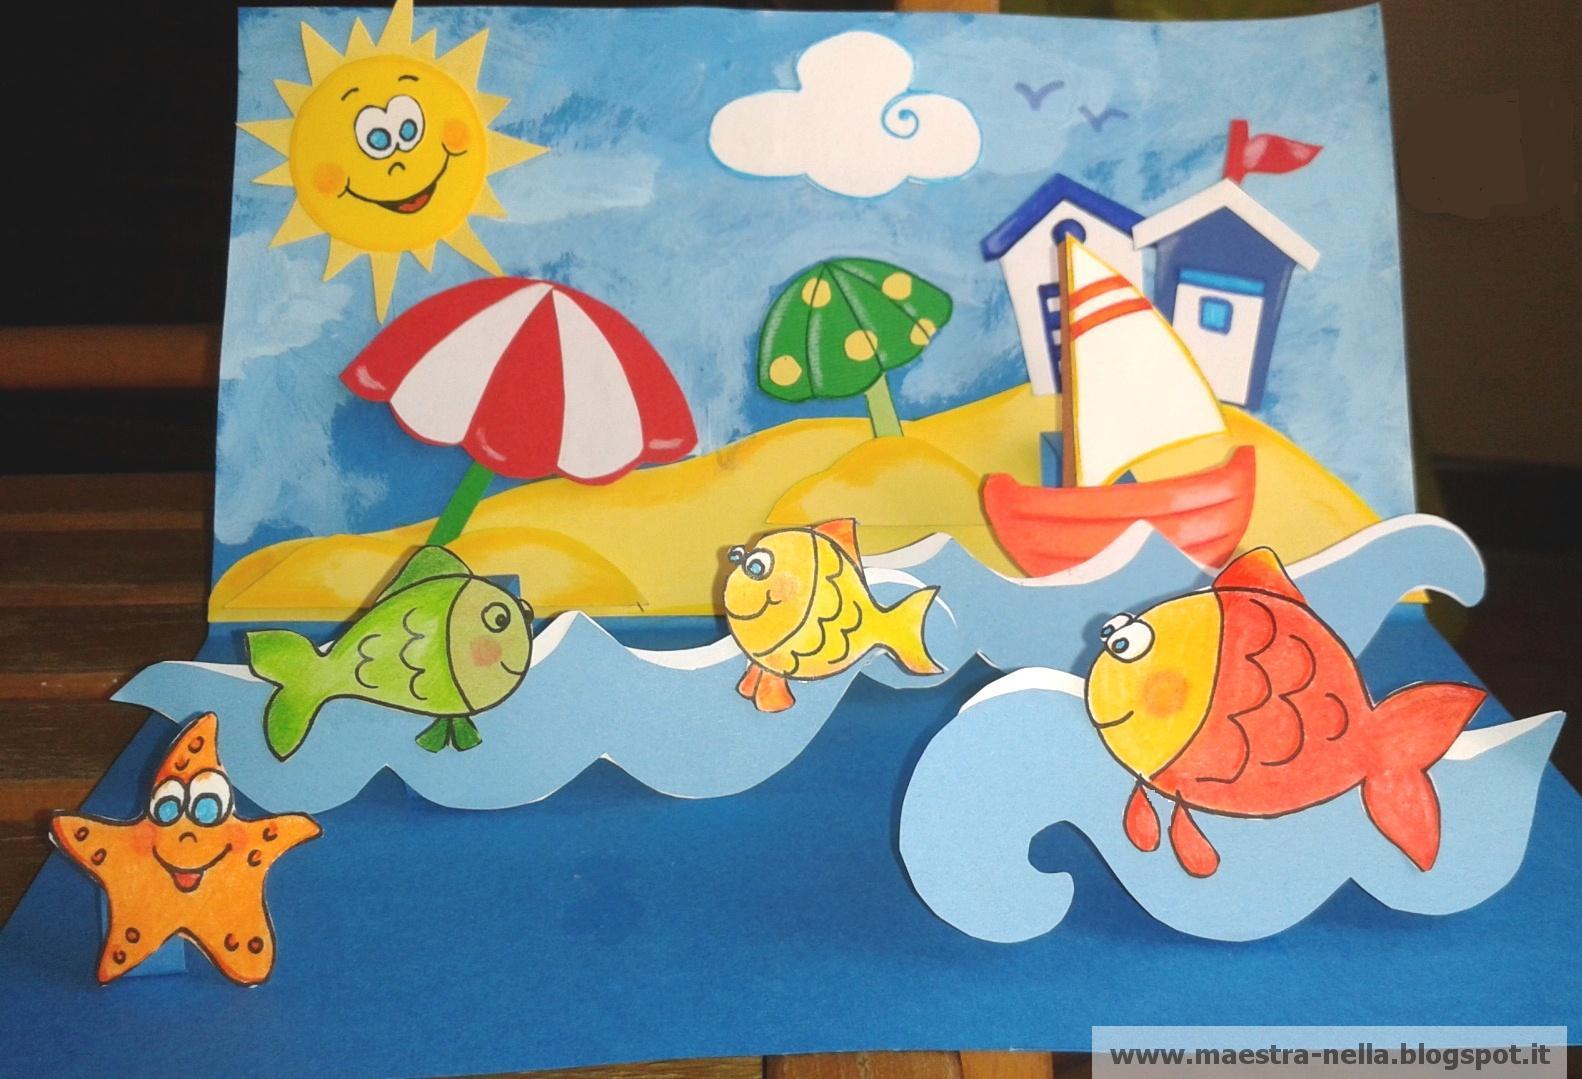 Maestra nella biglietto pop up 39 mare 39 for Lavoretti accoglienza scuola infanzia